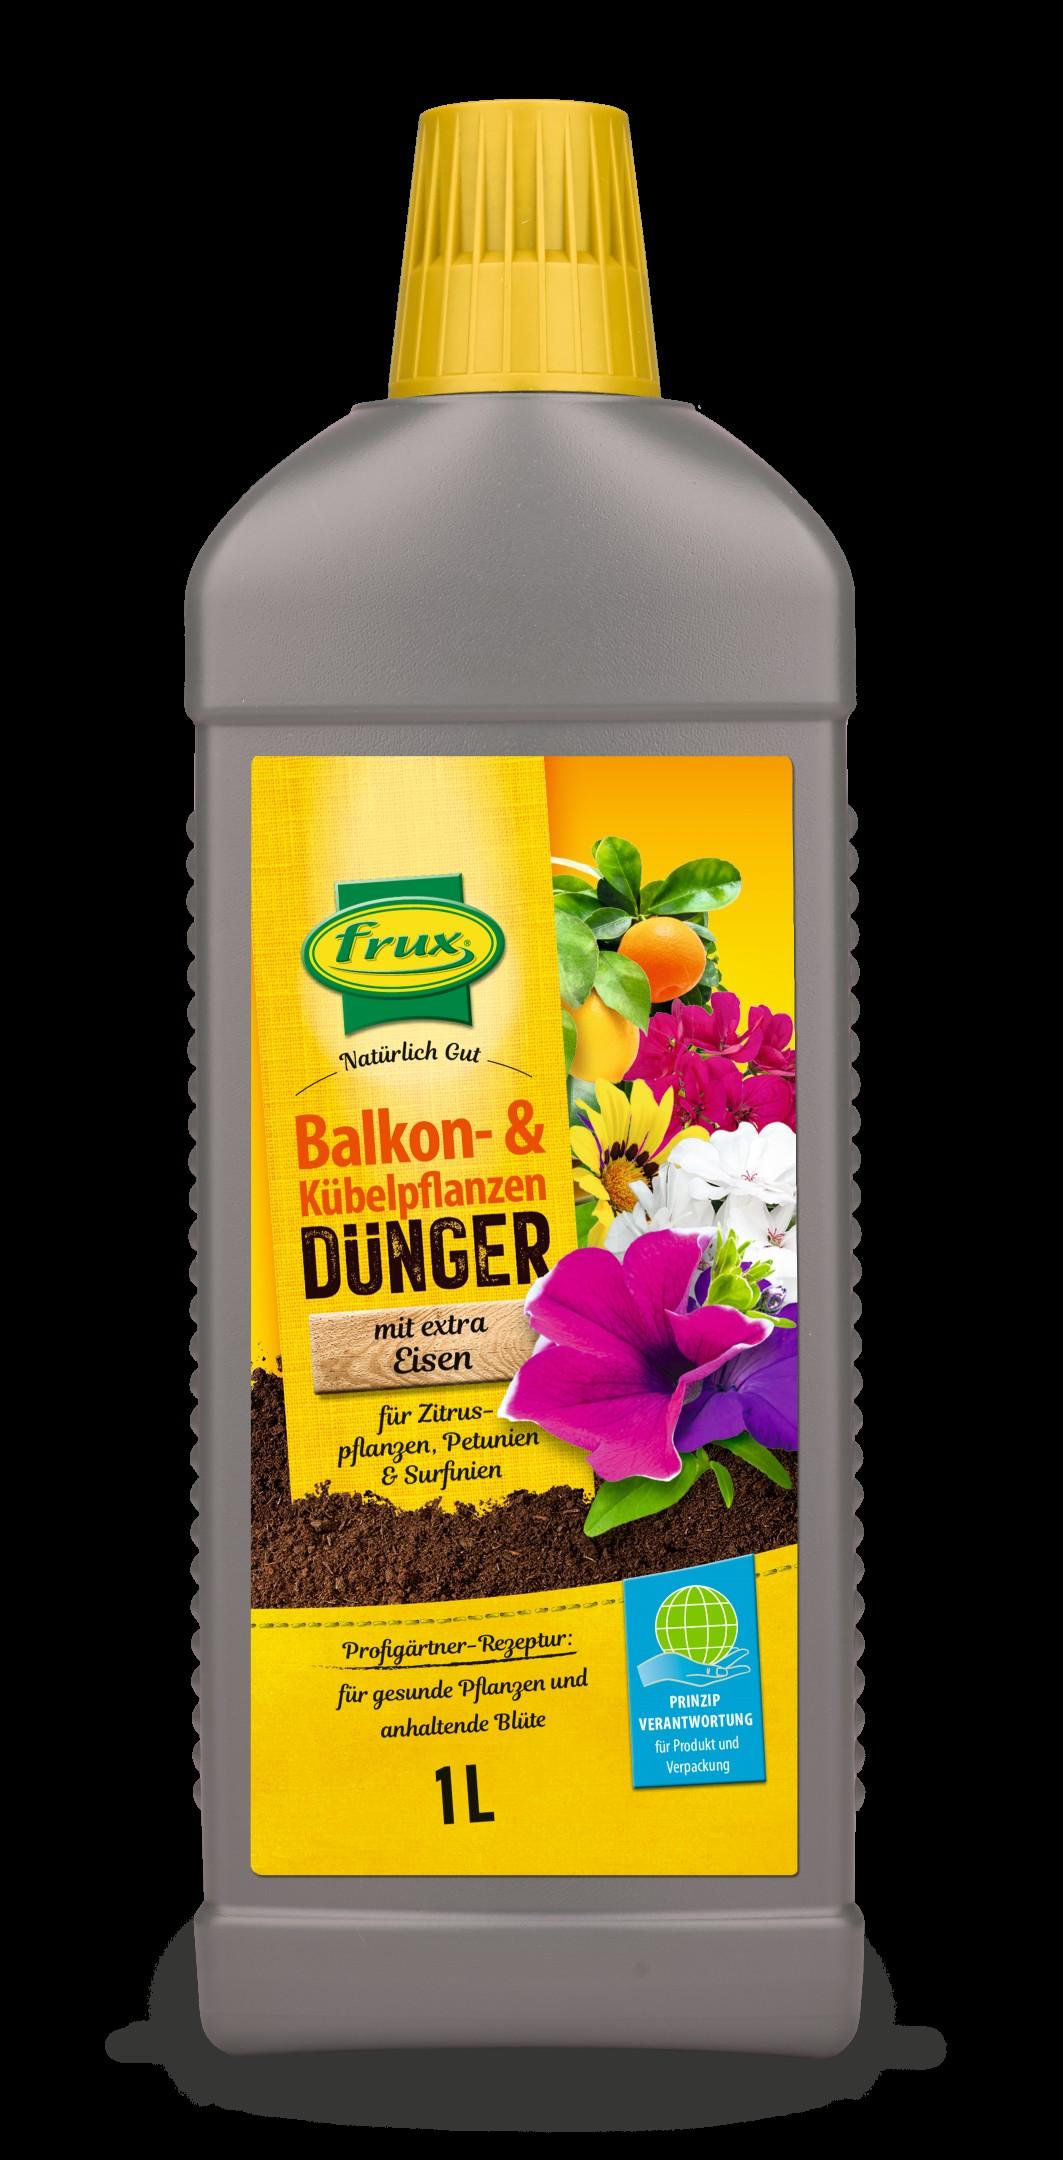 Balkon- und Kübelpflanzendünger flüssig Bild 2